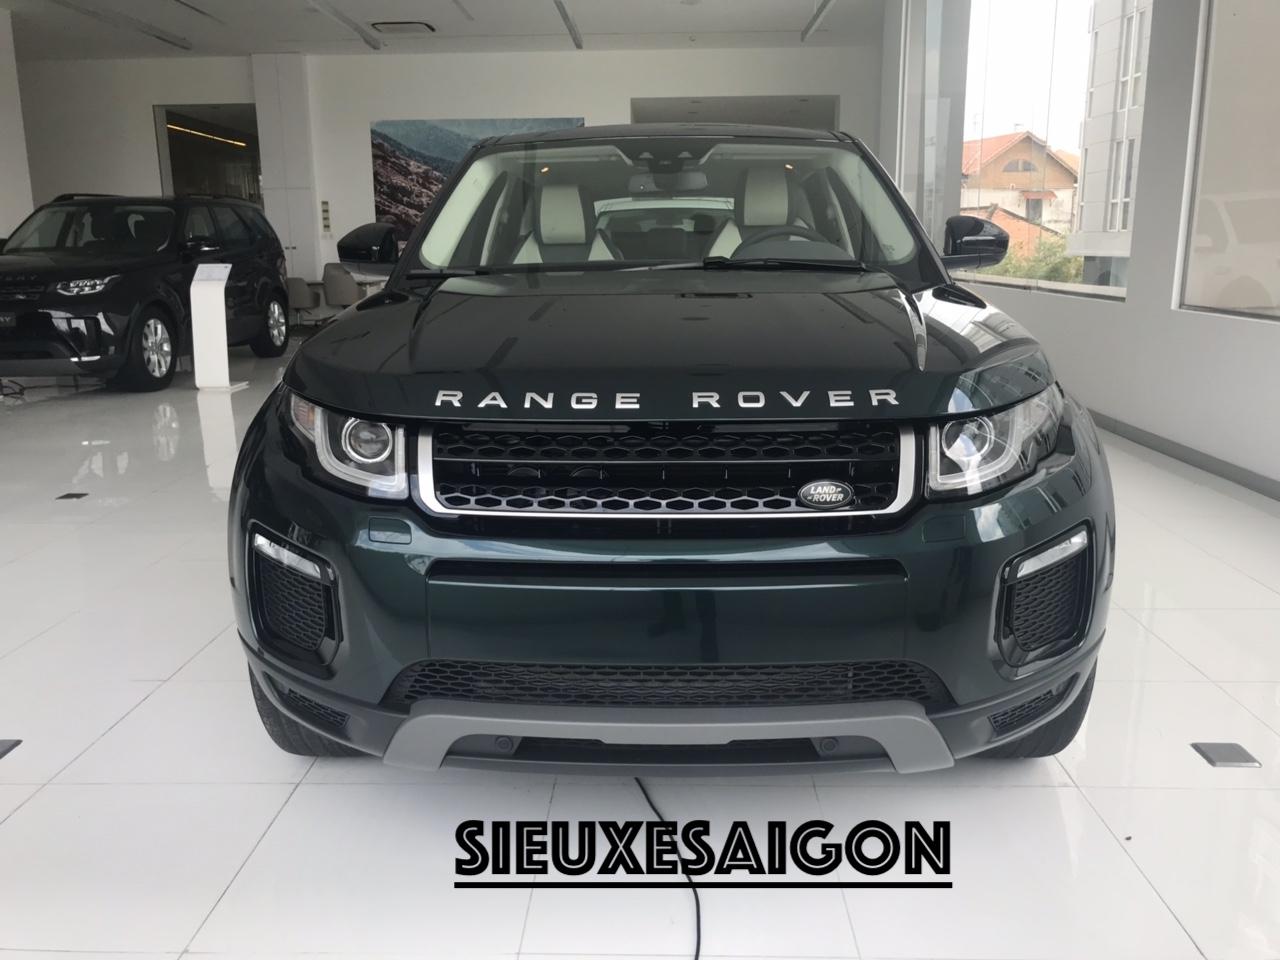 Xe Range Rover Chiếc SUV Nhỏ Mang Tên Evoque Đời 2018-2019, Evoque HSE, Evoque SE Plus 2020, Xe 5 Chỗ Màu Xanh Rêu Aintree Green,